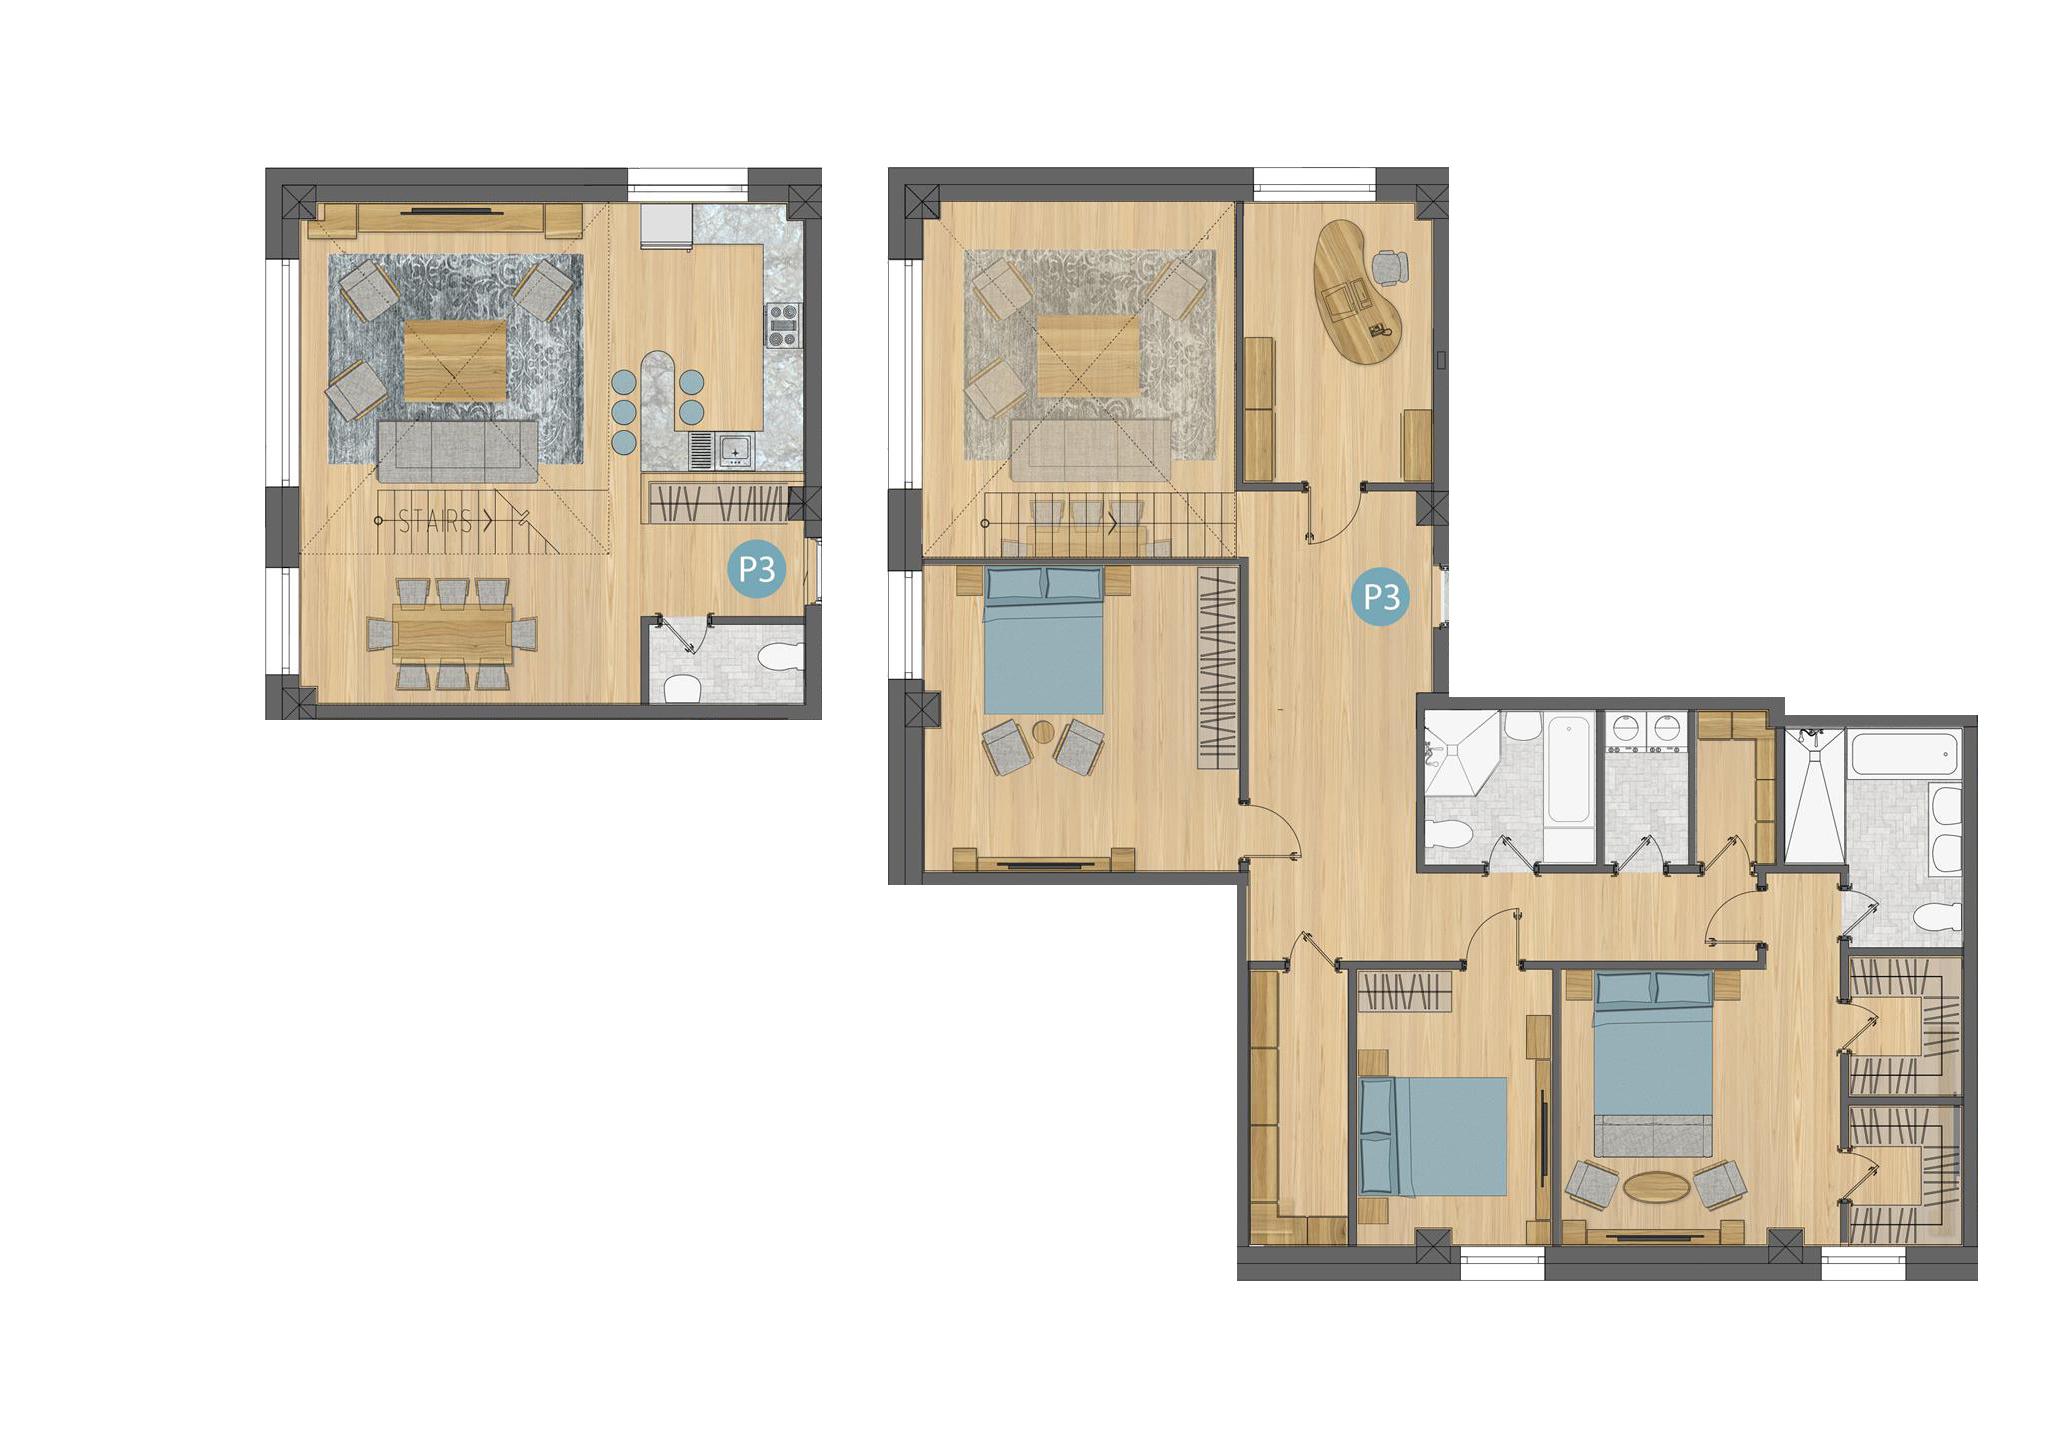 Duplex P3